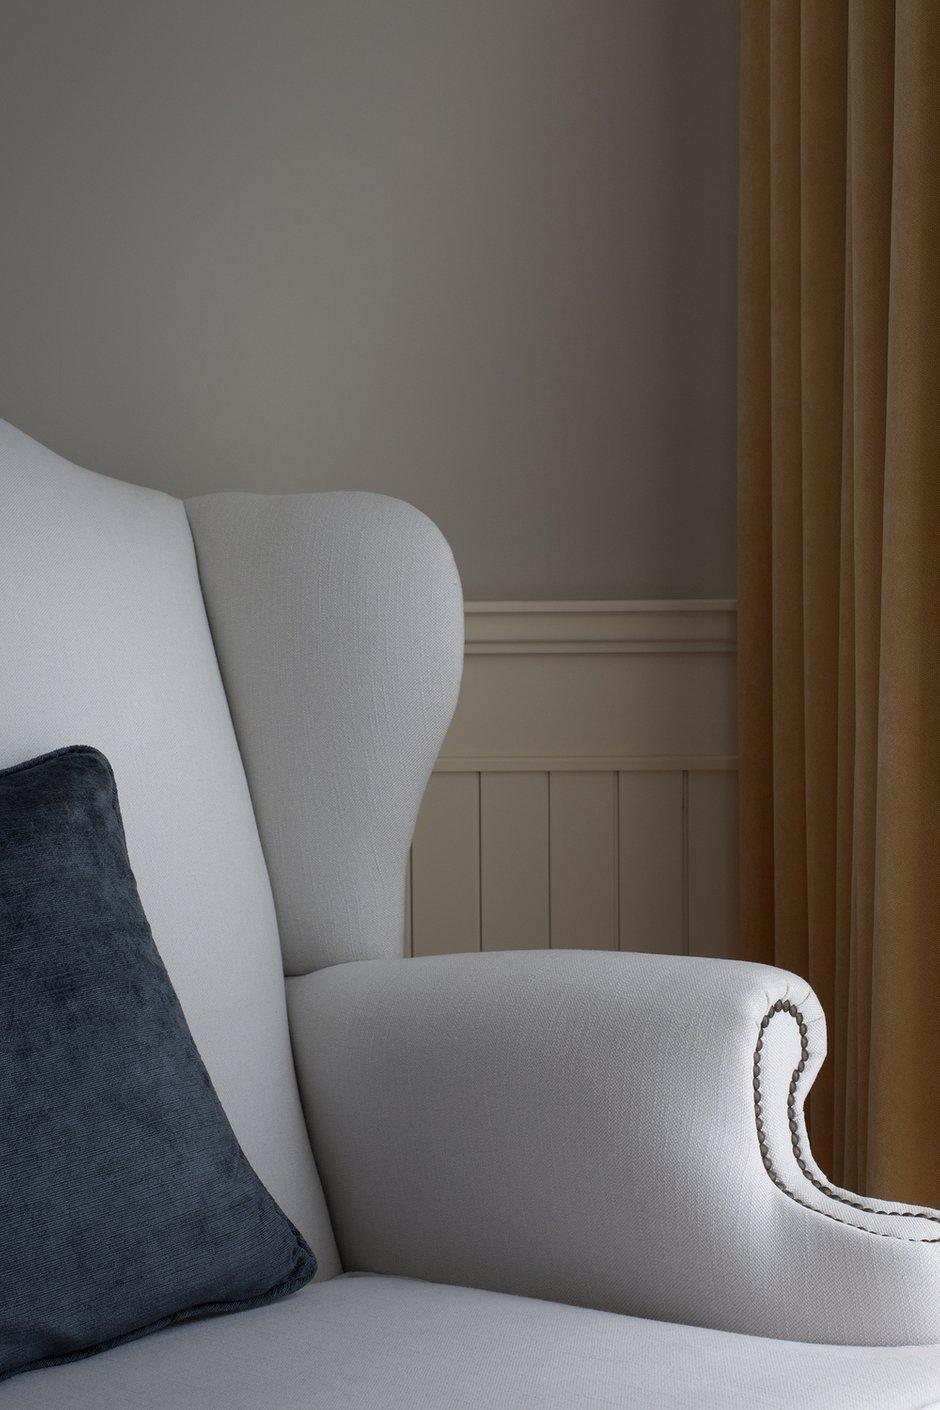 Фотография: Мебель и свет в стиле Современный, Декор интерьера, Квартира, Guadarte, Дома и квартиры, Прованс – фото на INMYROOM